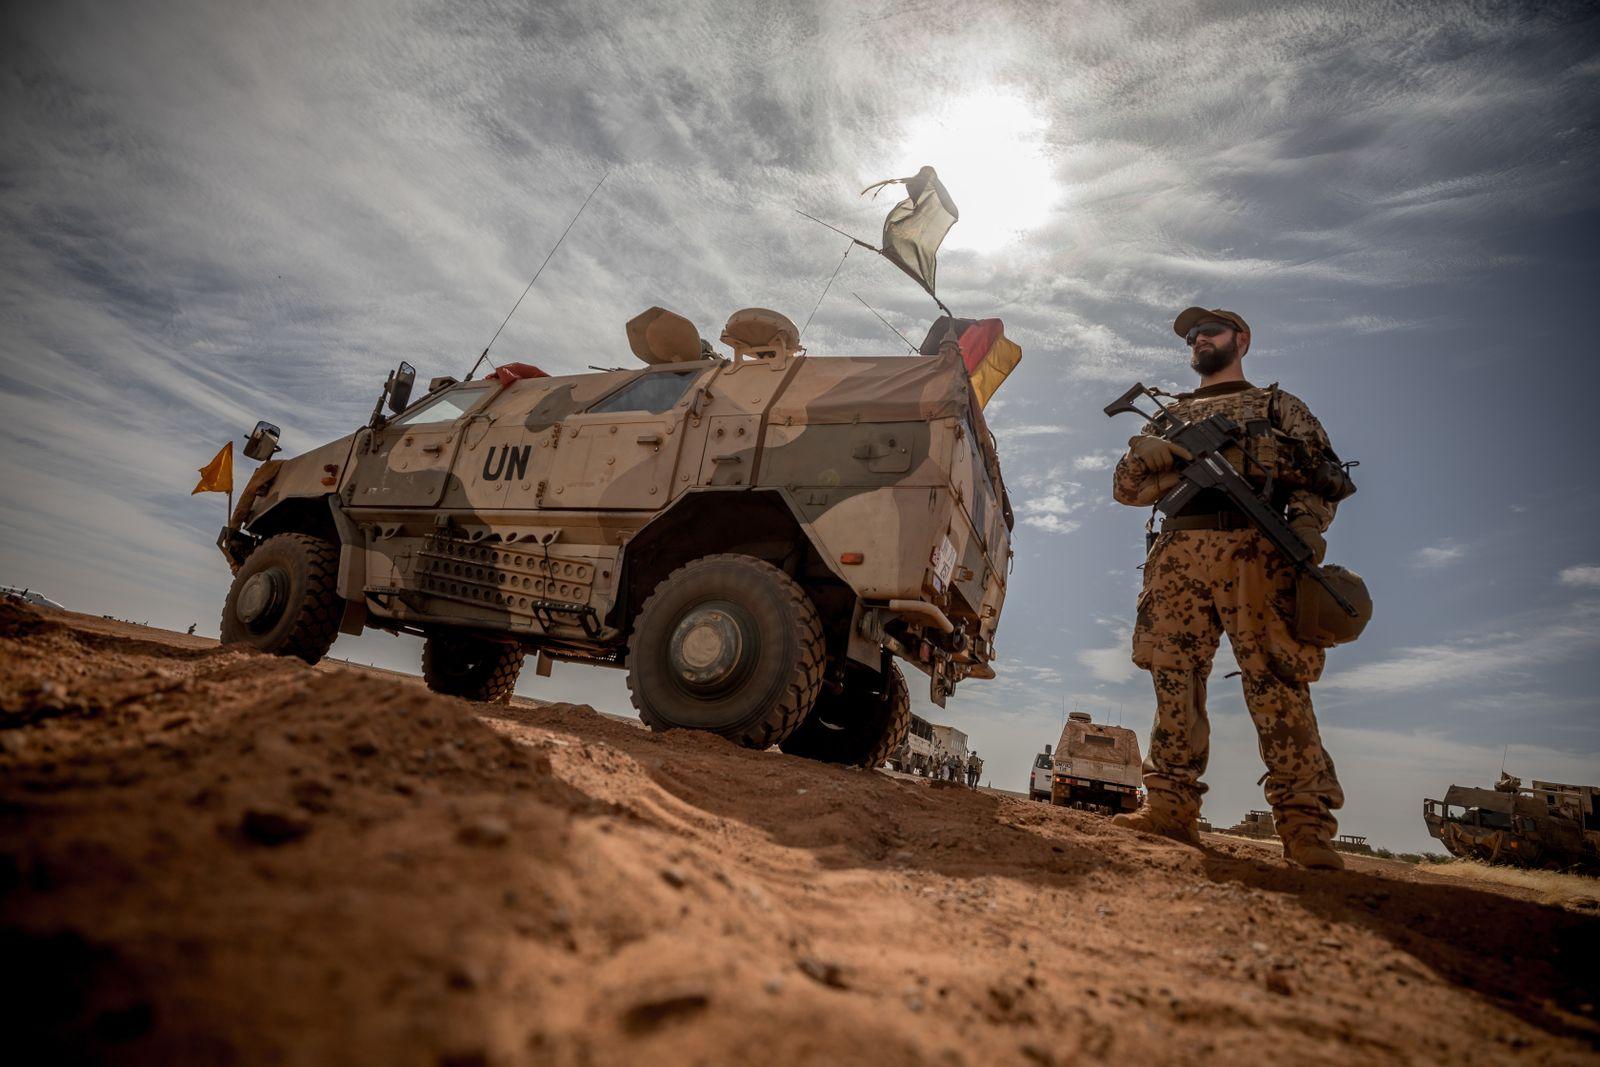 Deutschland meldet Nato höchste Budgeterhöhung seit Jahrzehnten